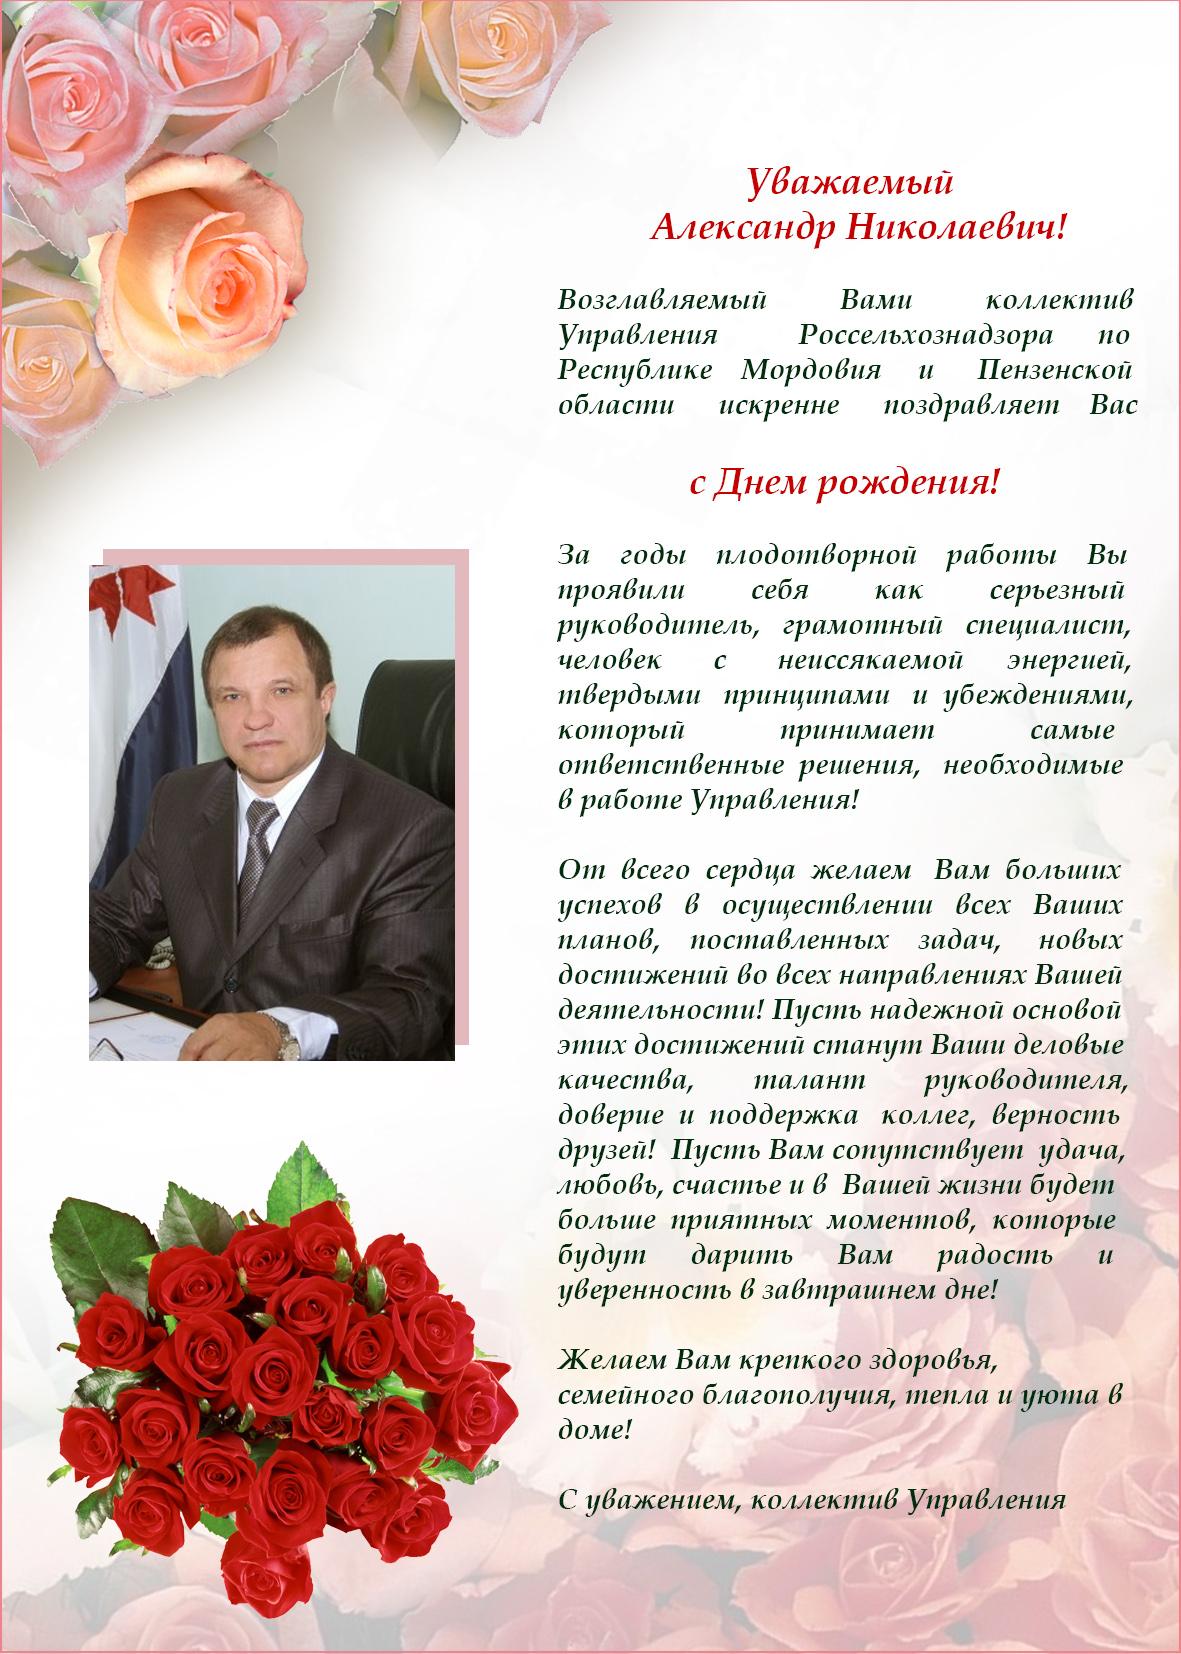 Официальное поздравление с днем рождения руководителя от руководителя 35